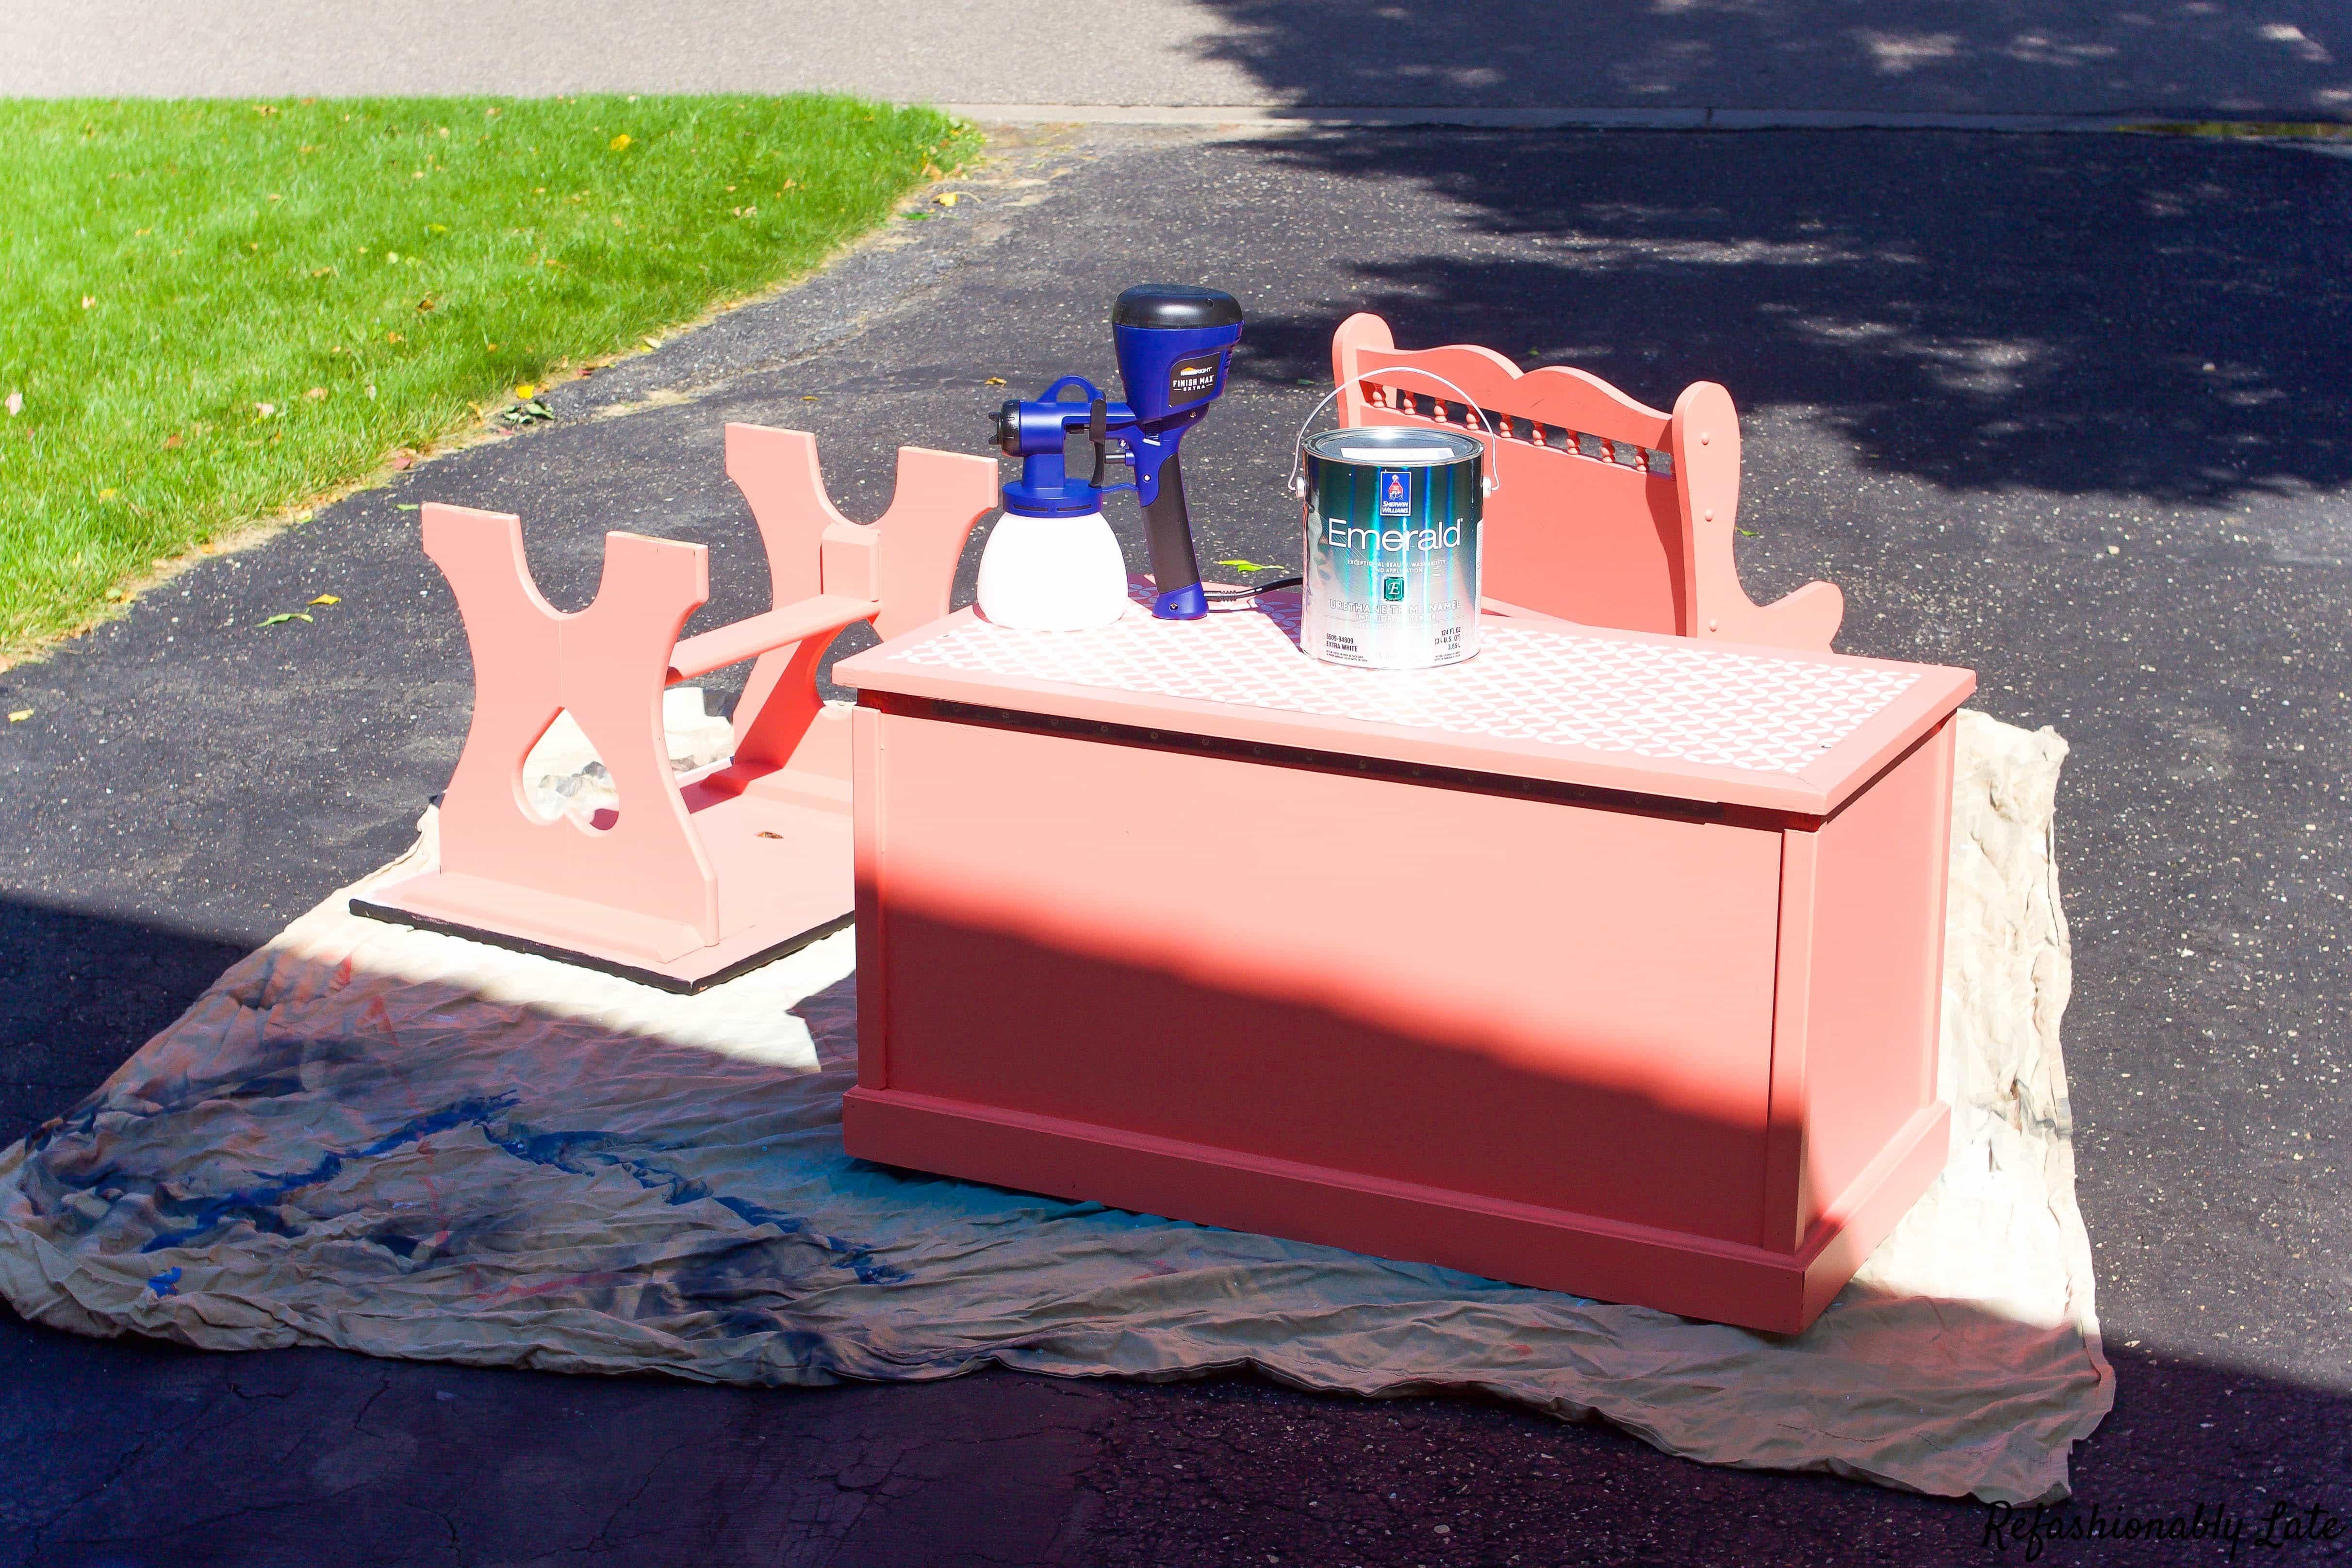 Children's Art Table Makeover - www.refashionablylate.com